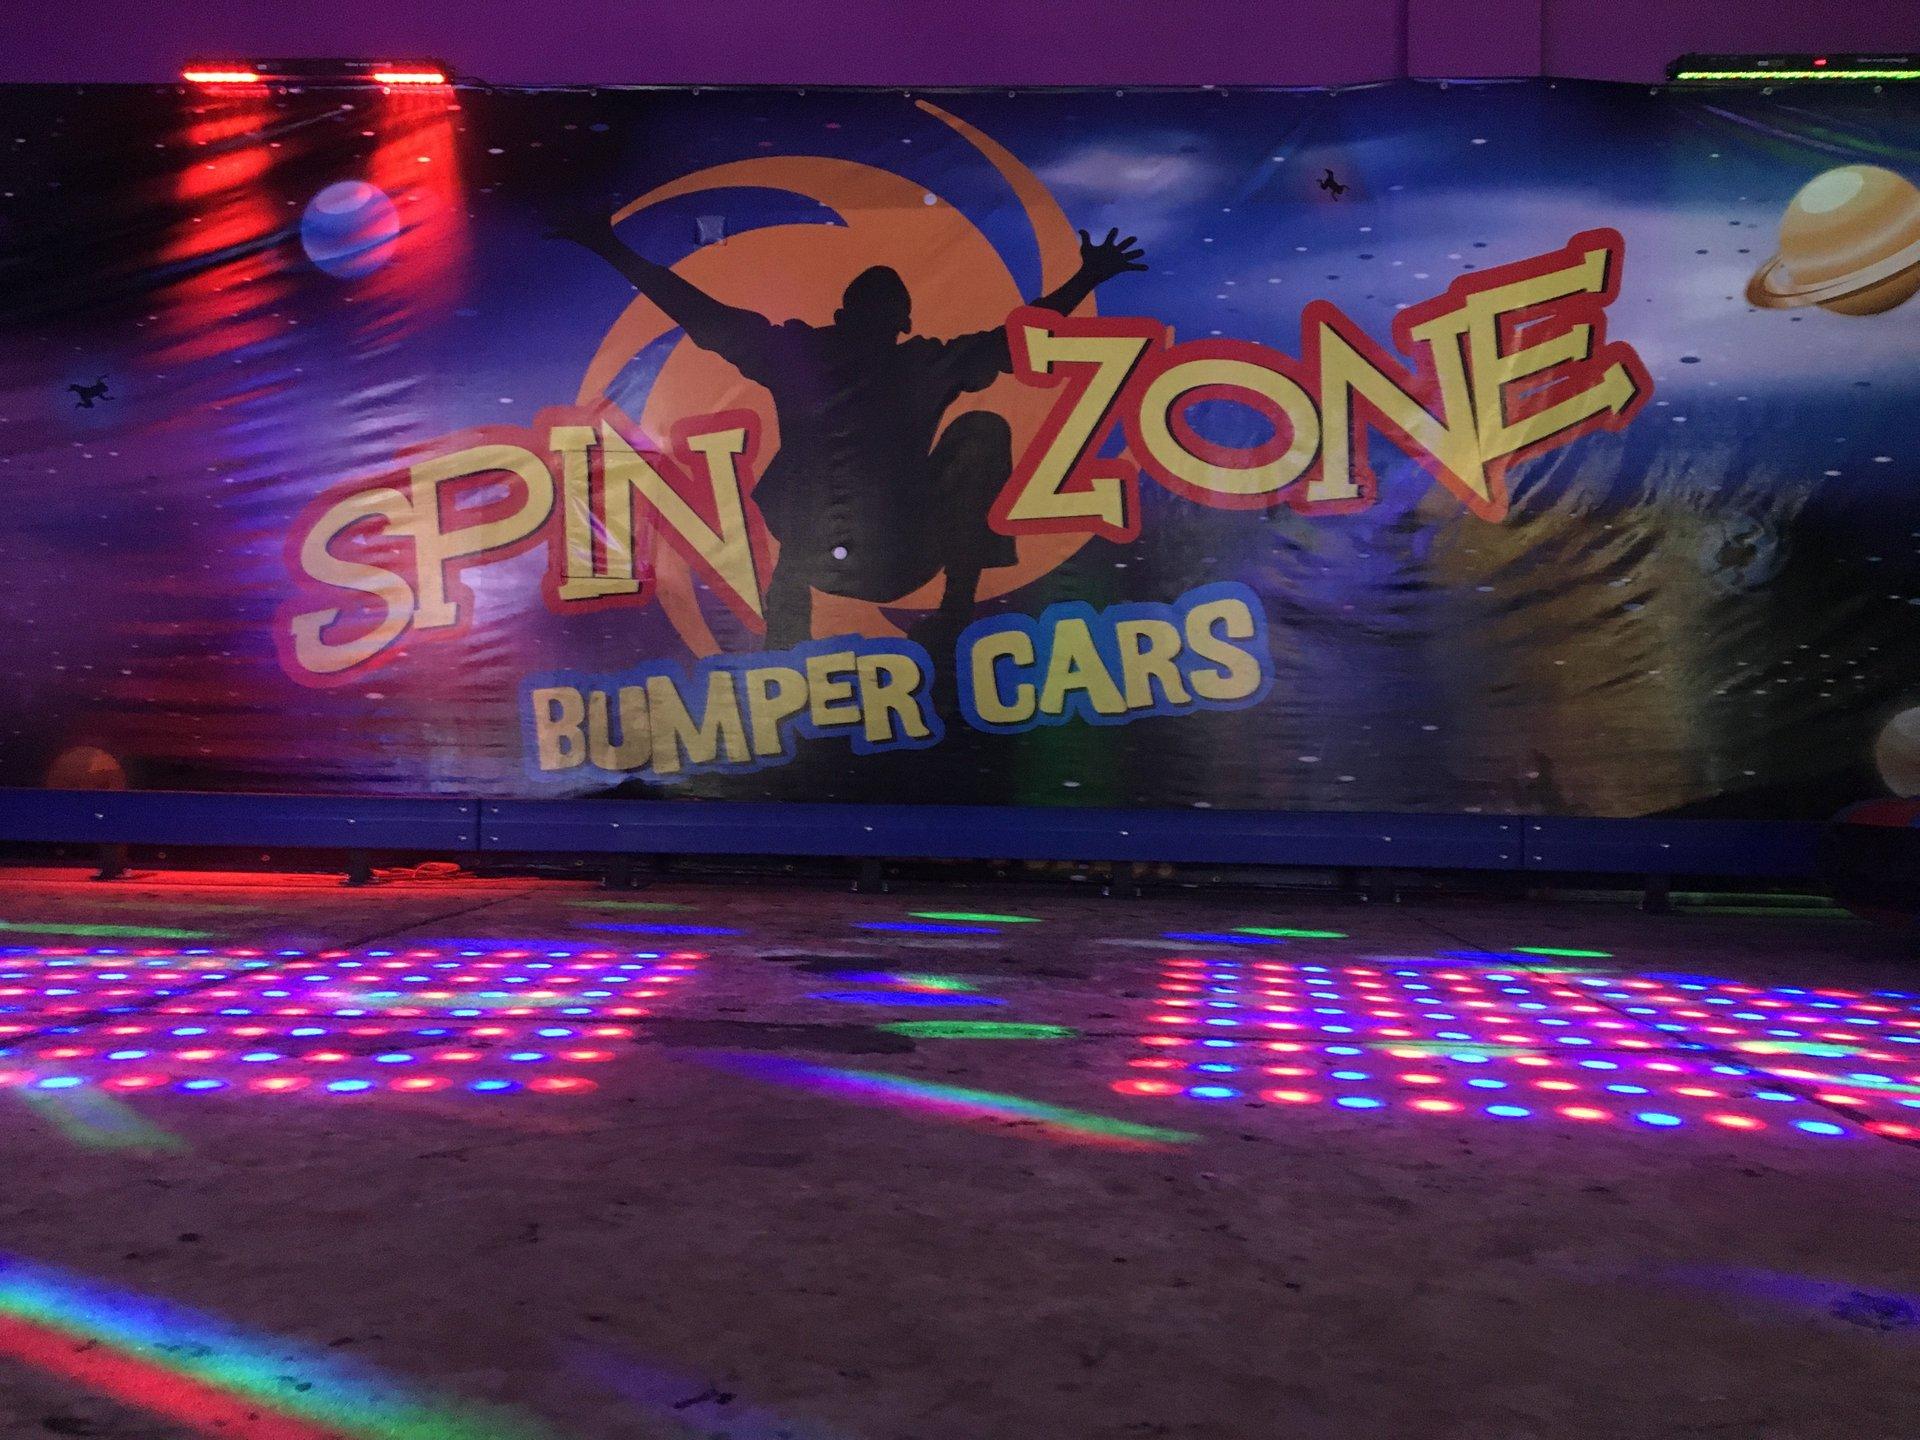 Putt Putt Fun Center Specials On Mini Golf Laser Tag